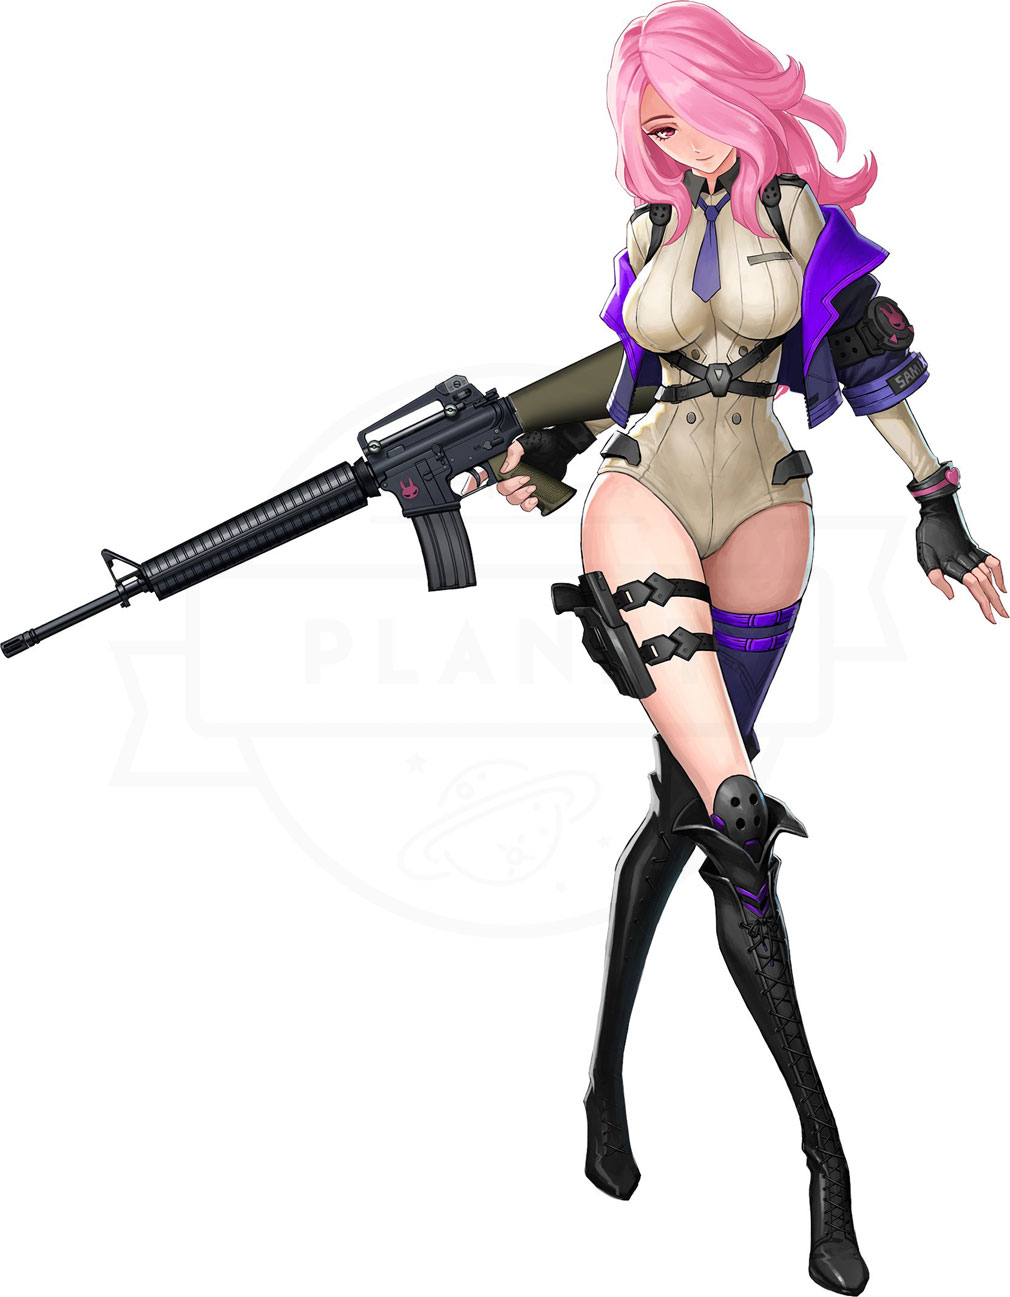 プロジェクト シルバーウイング(プロシグ) アサルトライフル(AR)『M16A4』キャラクター紹介イメージ